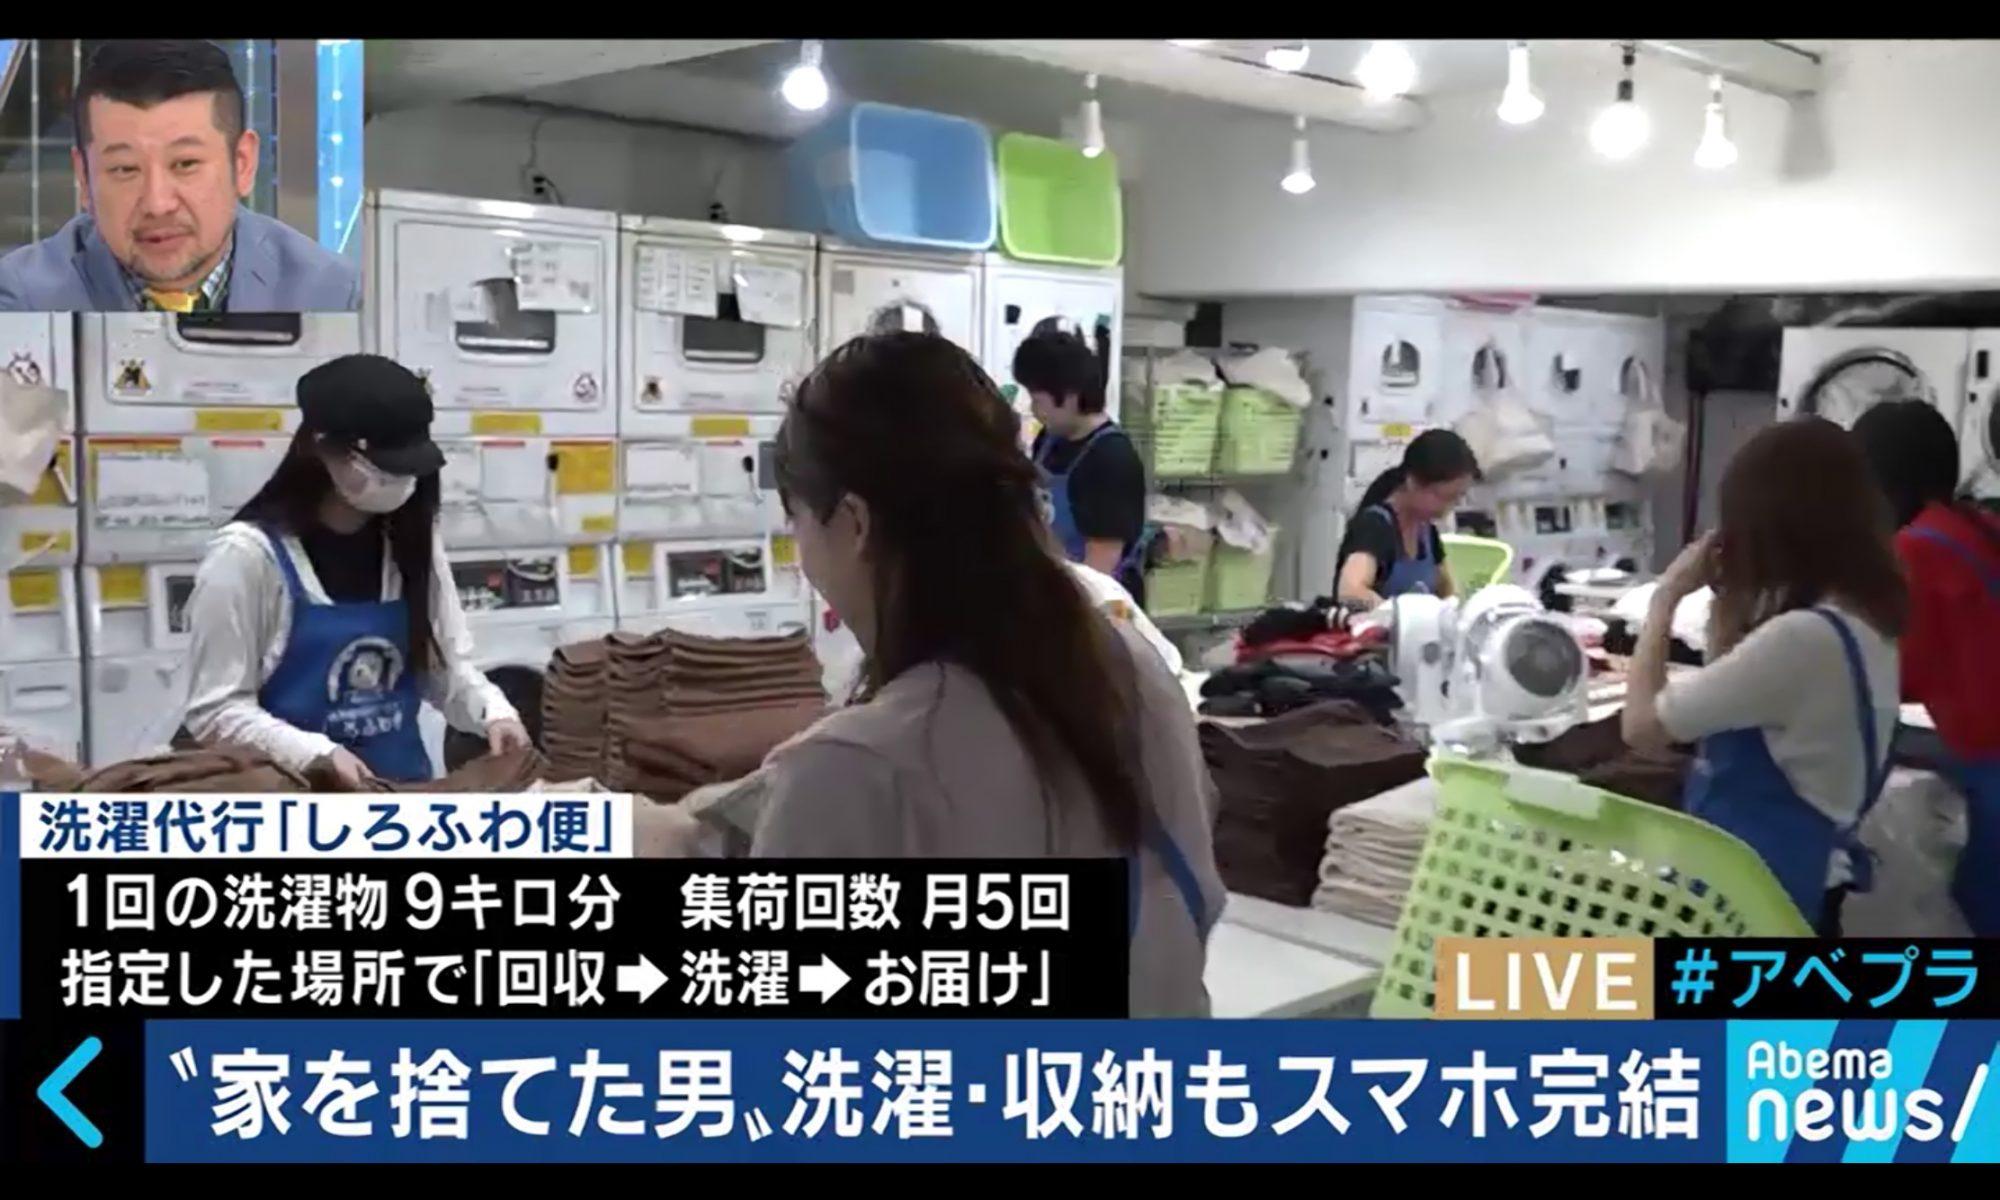 AbemaTVの「AbemaNews」チャンネルでしろふわ便がとり上げられました